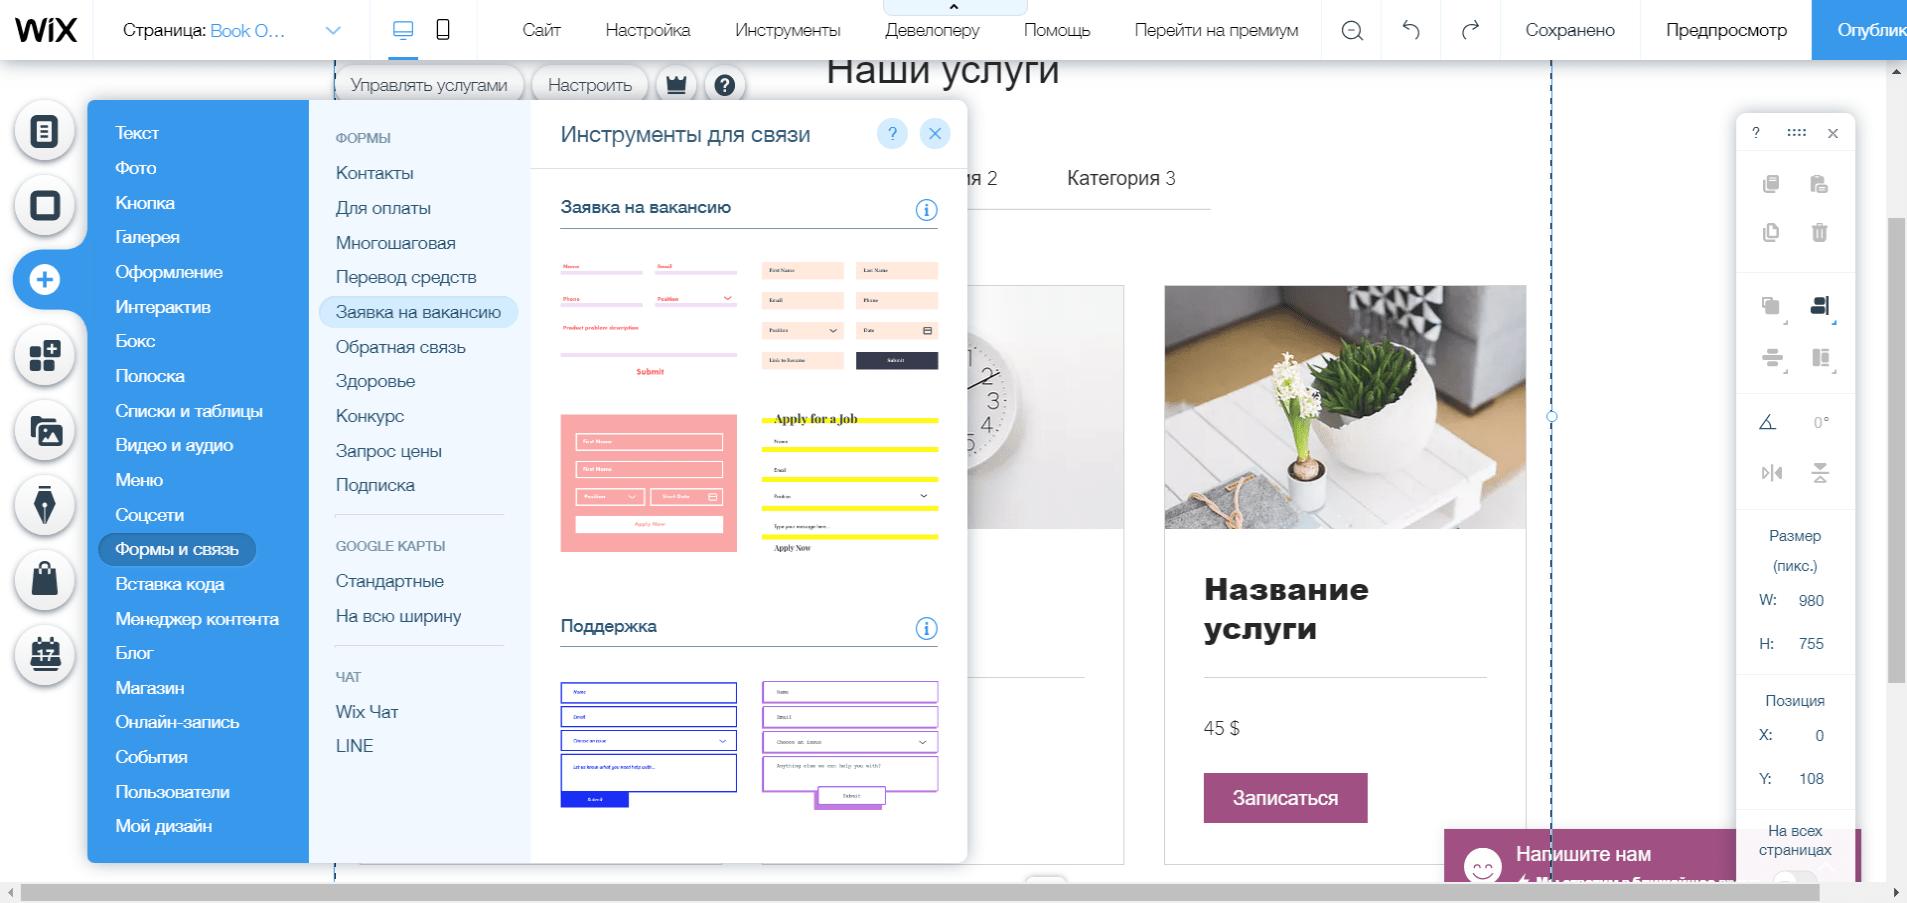 В редакторе есть и элементы, и готовые блоки, в том числе много вариантов дизайна для формы заявки